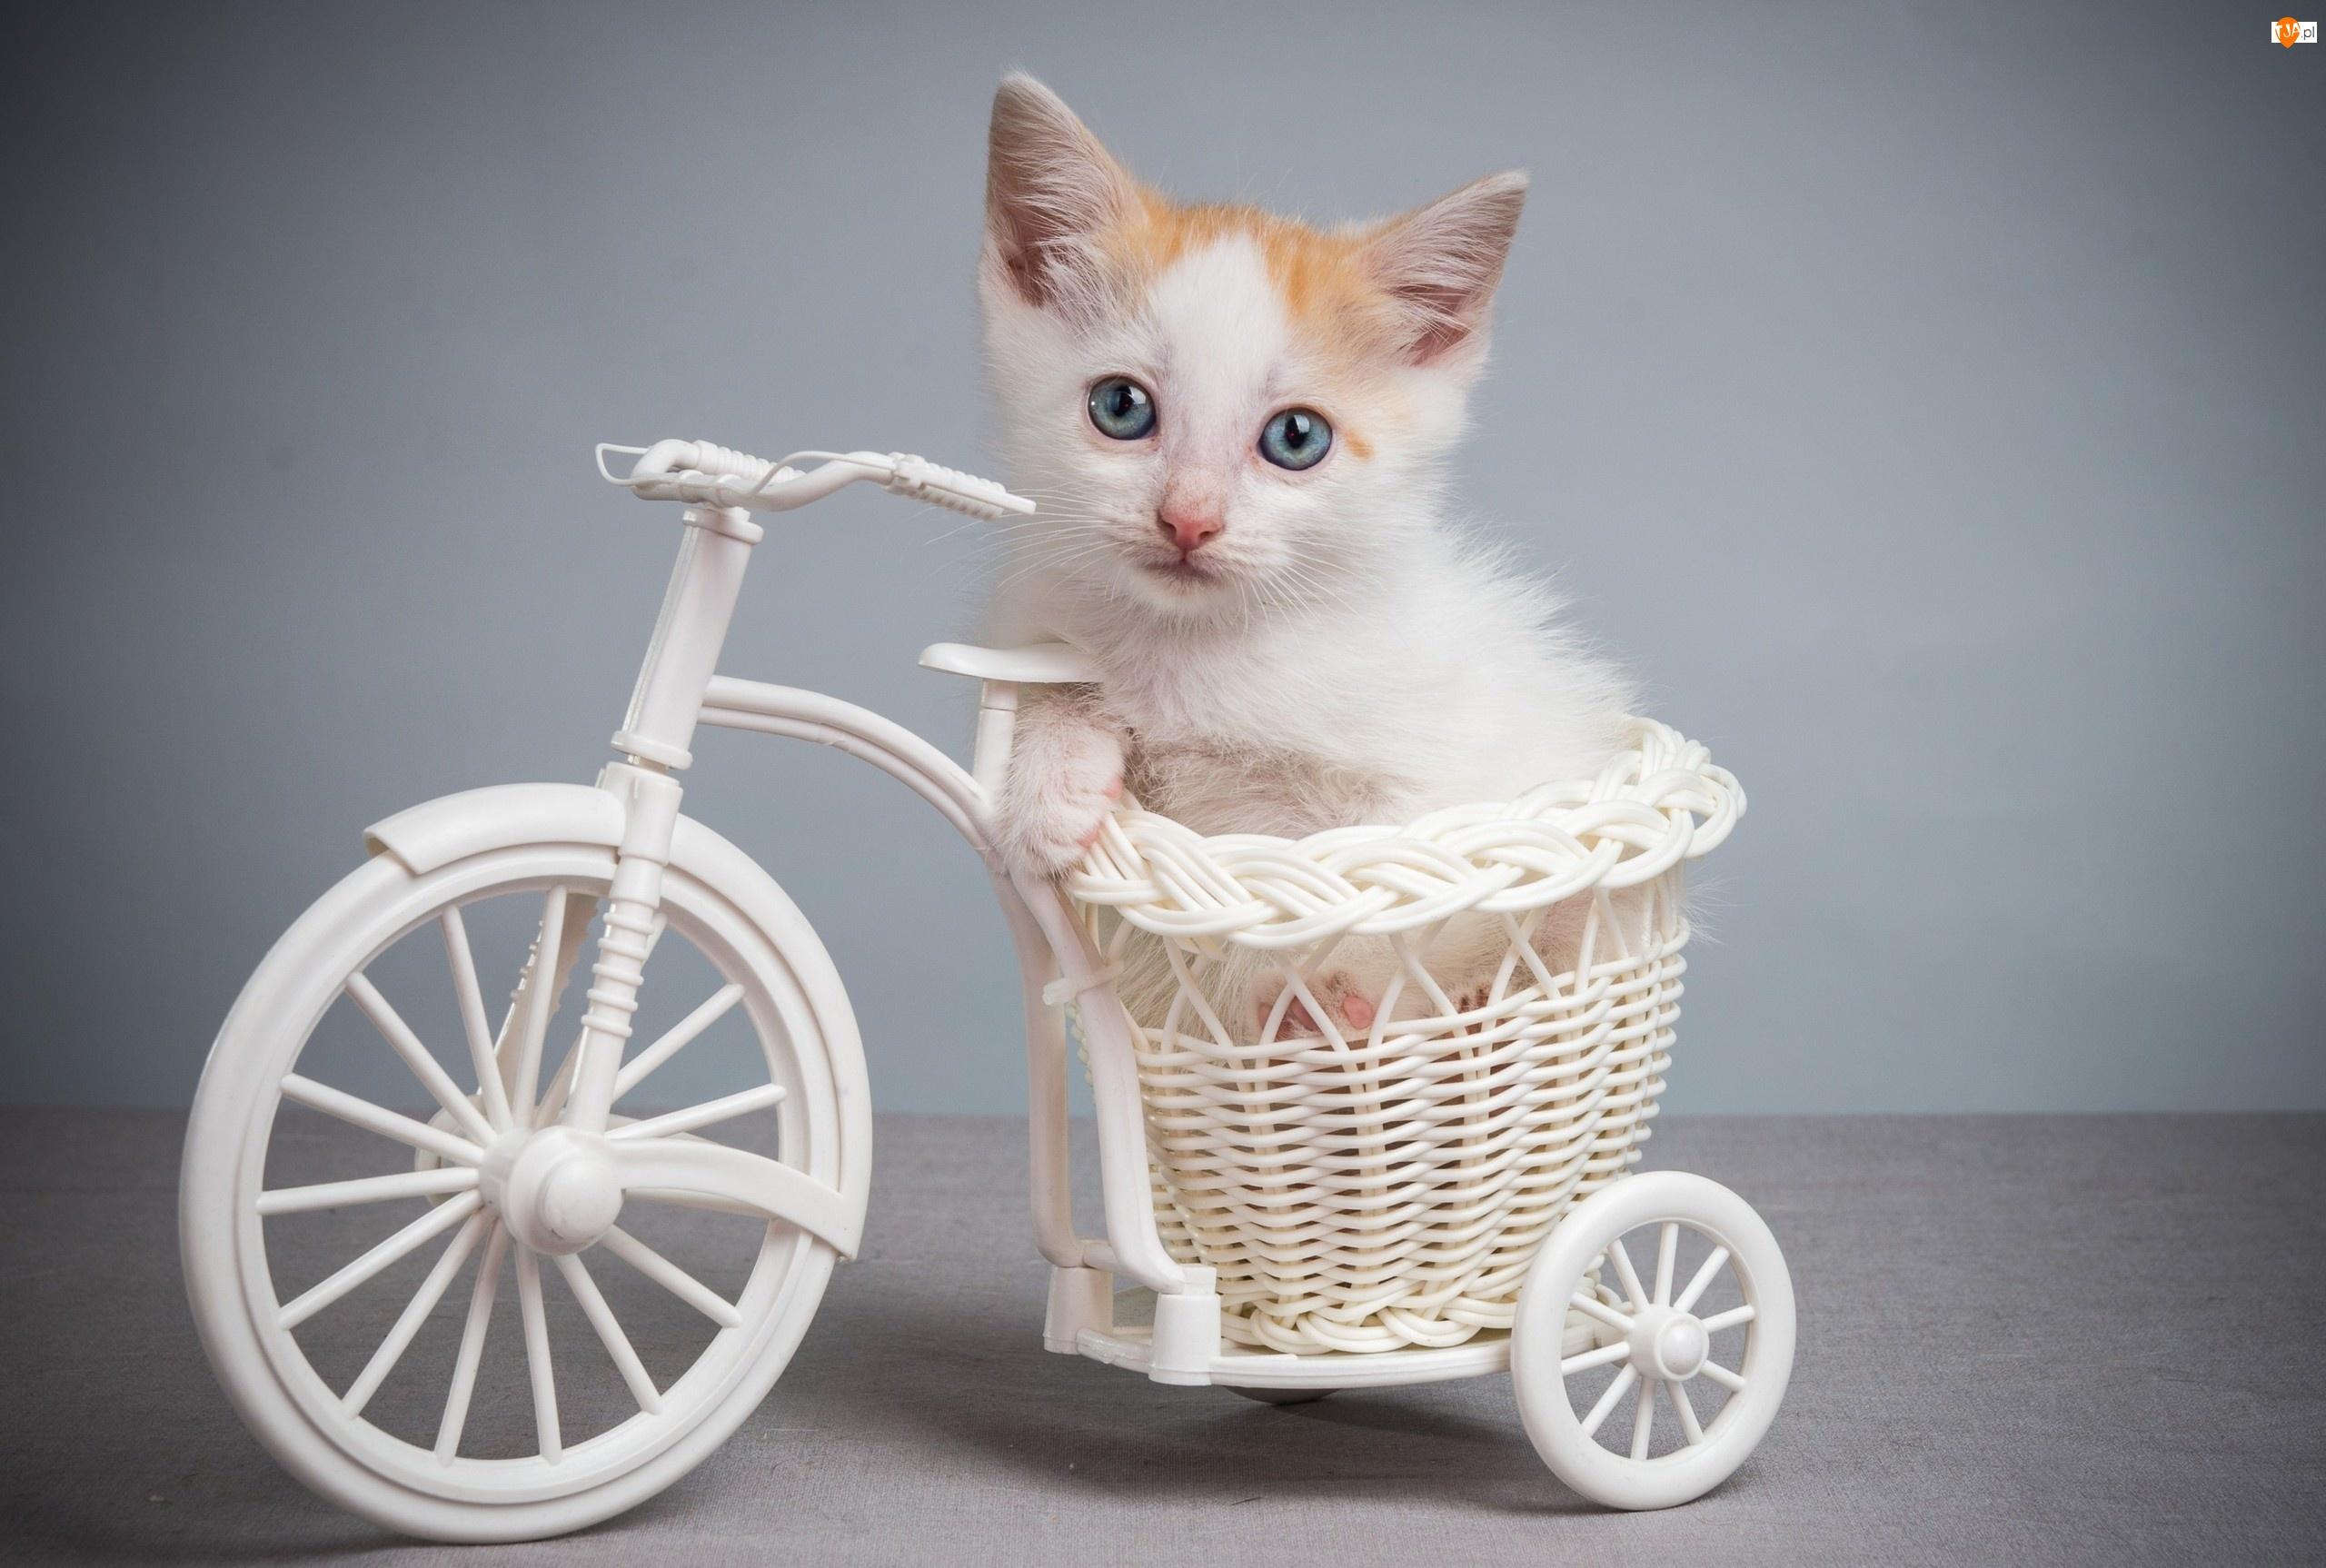 Kot, Słodkie Zwierzęta, Kociaczek, Rowerek